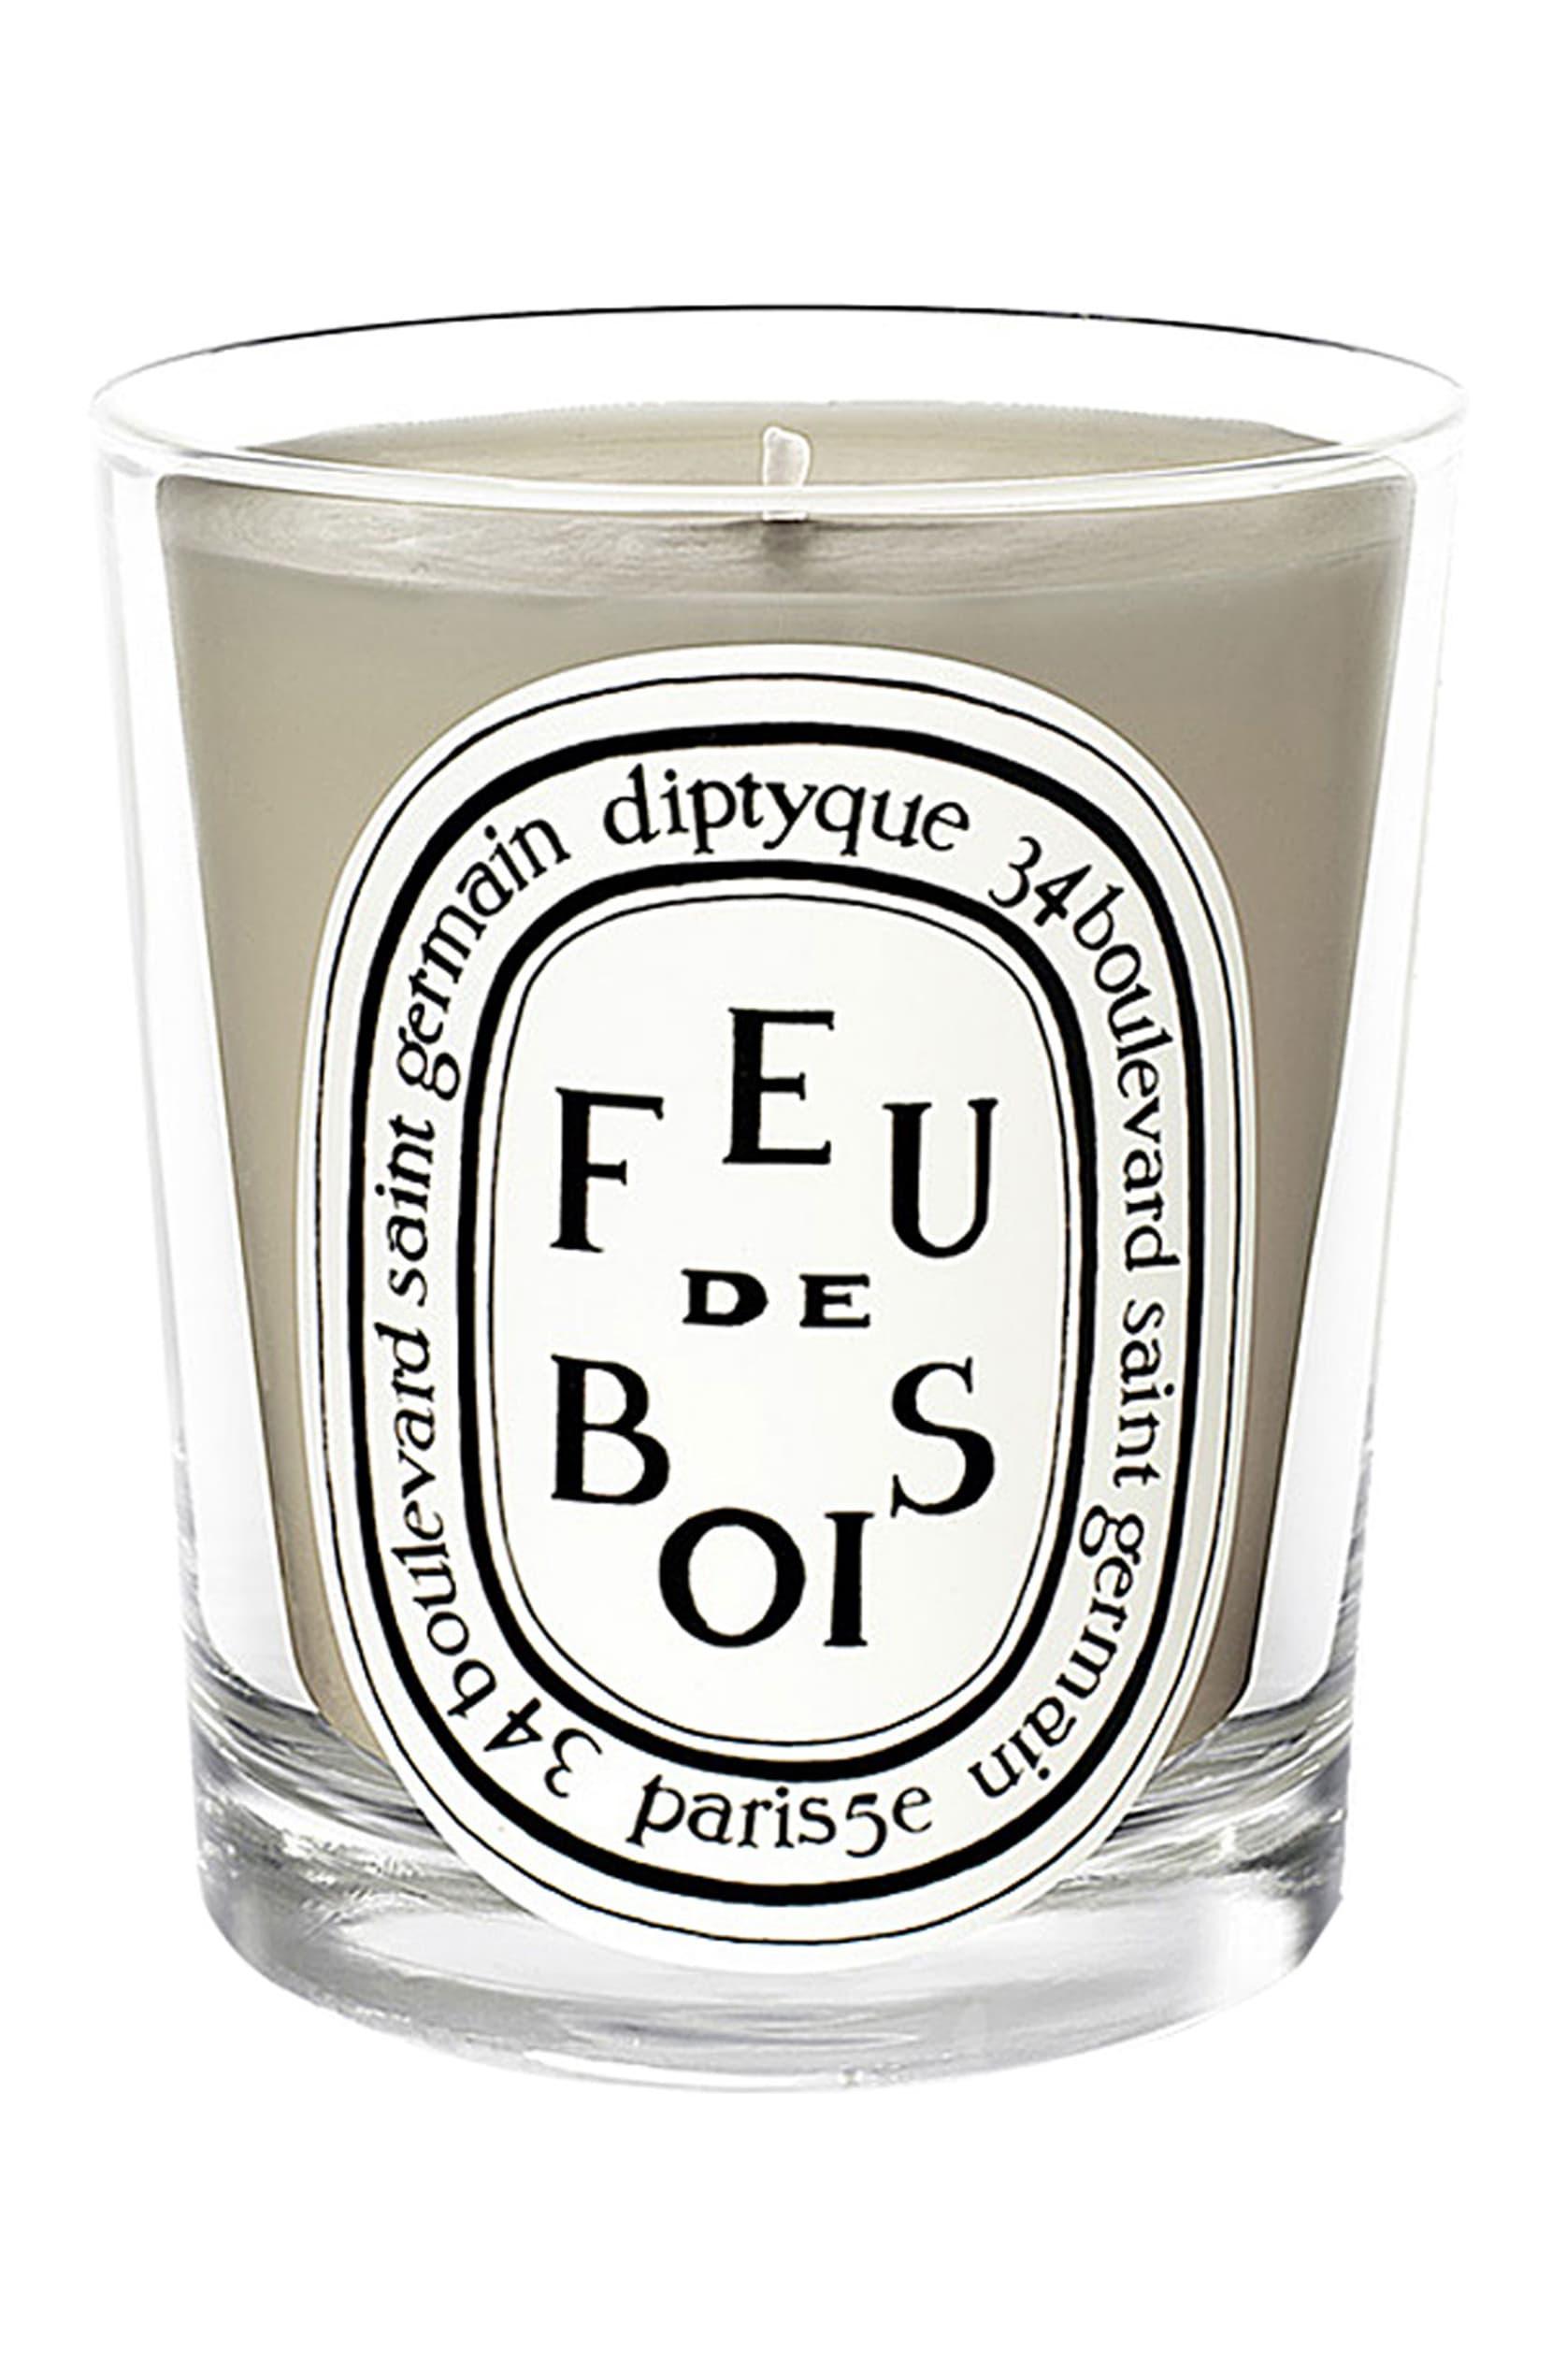 Feu de Bois Candle 2.4oz